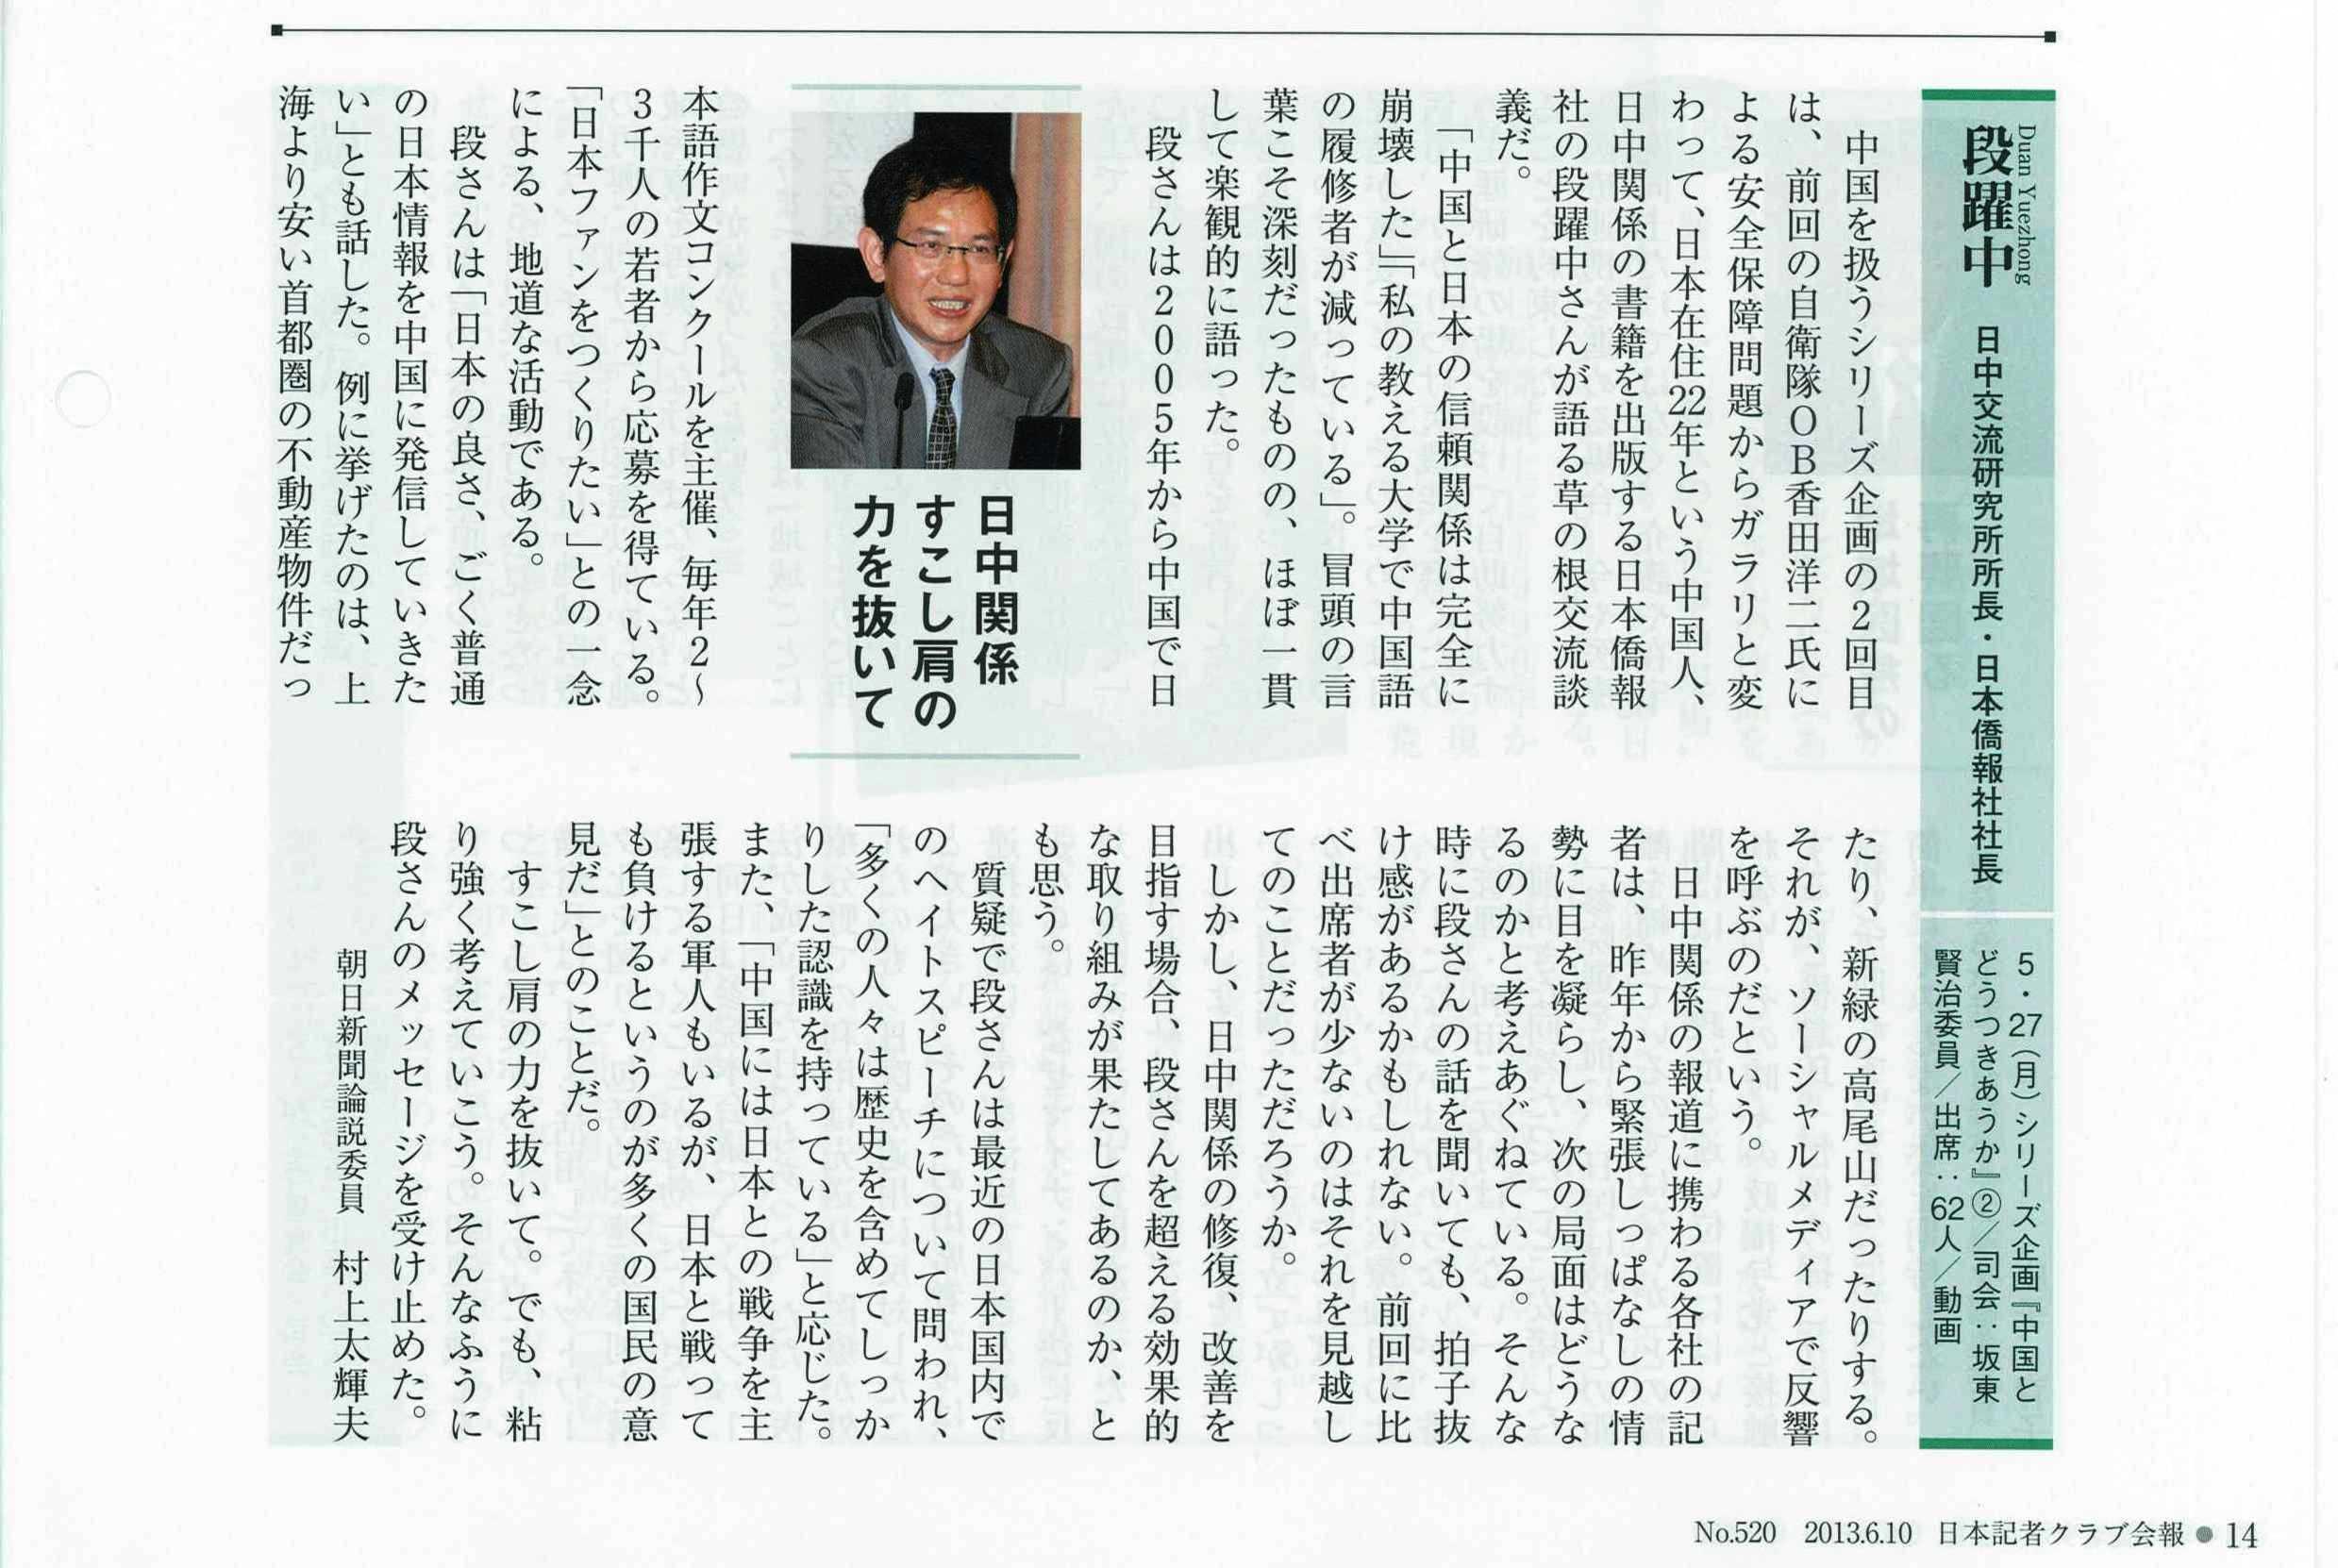 記者クラブでの講演について、朝日新聞論説委員が「日中関係 すこし肩の力を抜いて」をテーマにまとめた_d0027795_12212979.jpg